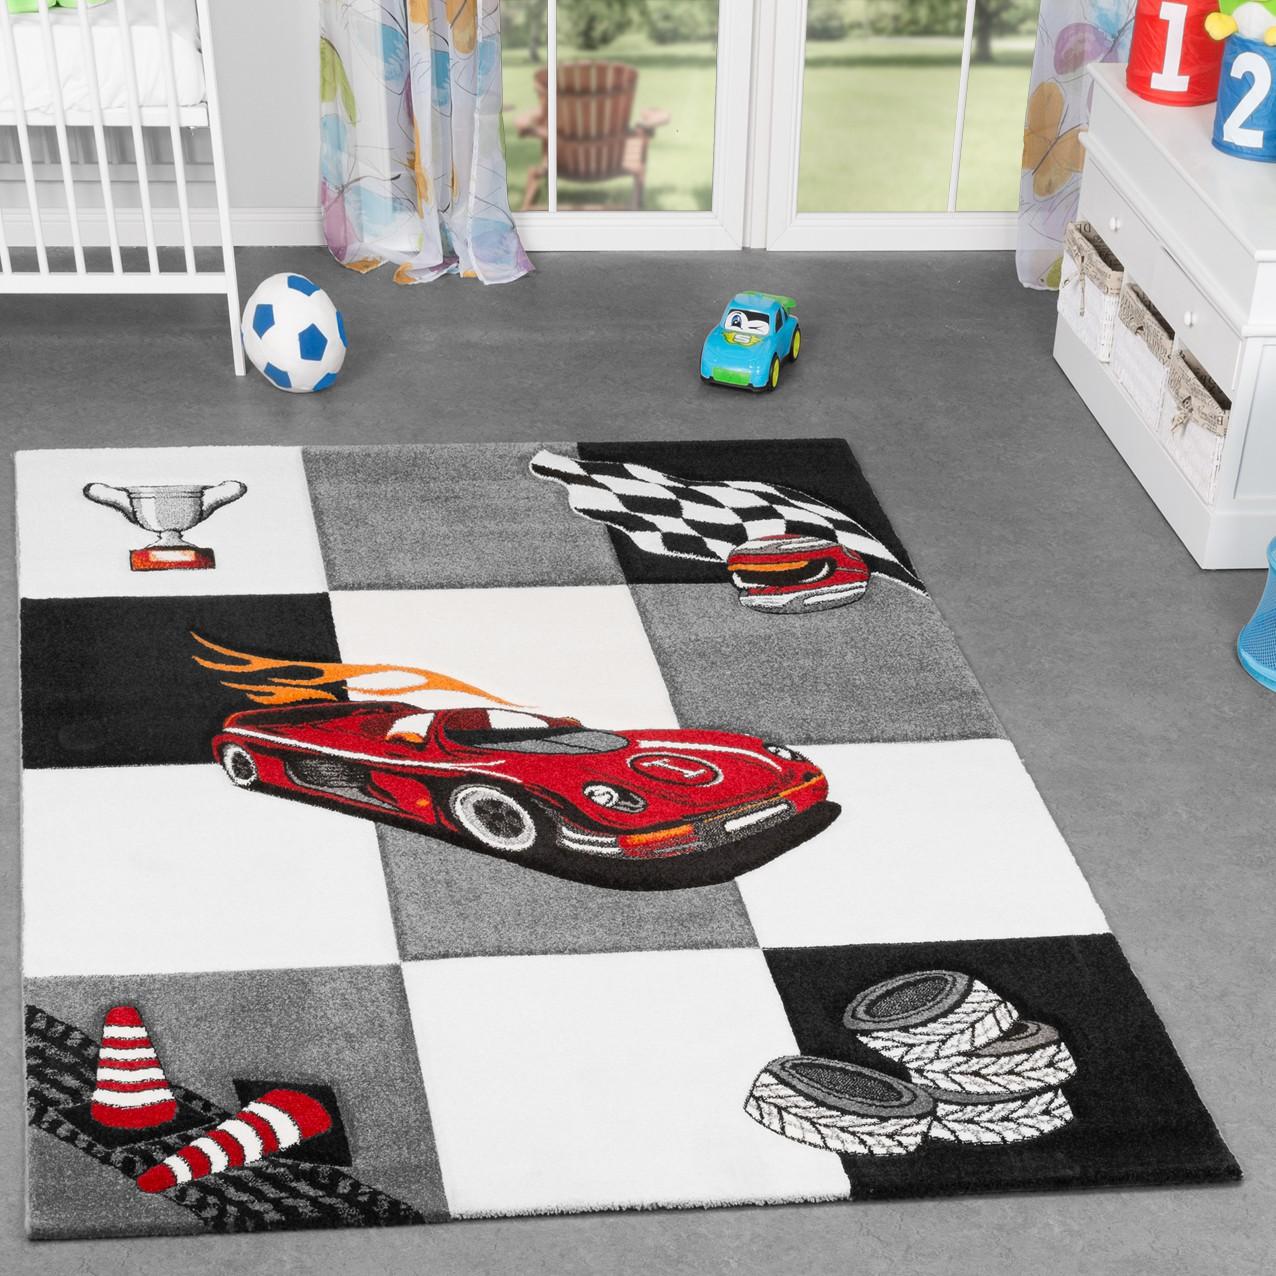 kinderzimmer teppich karo f r jungen auto model finish. Black Bedroom Furniture Sets. Home Design Ideas